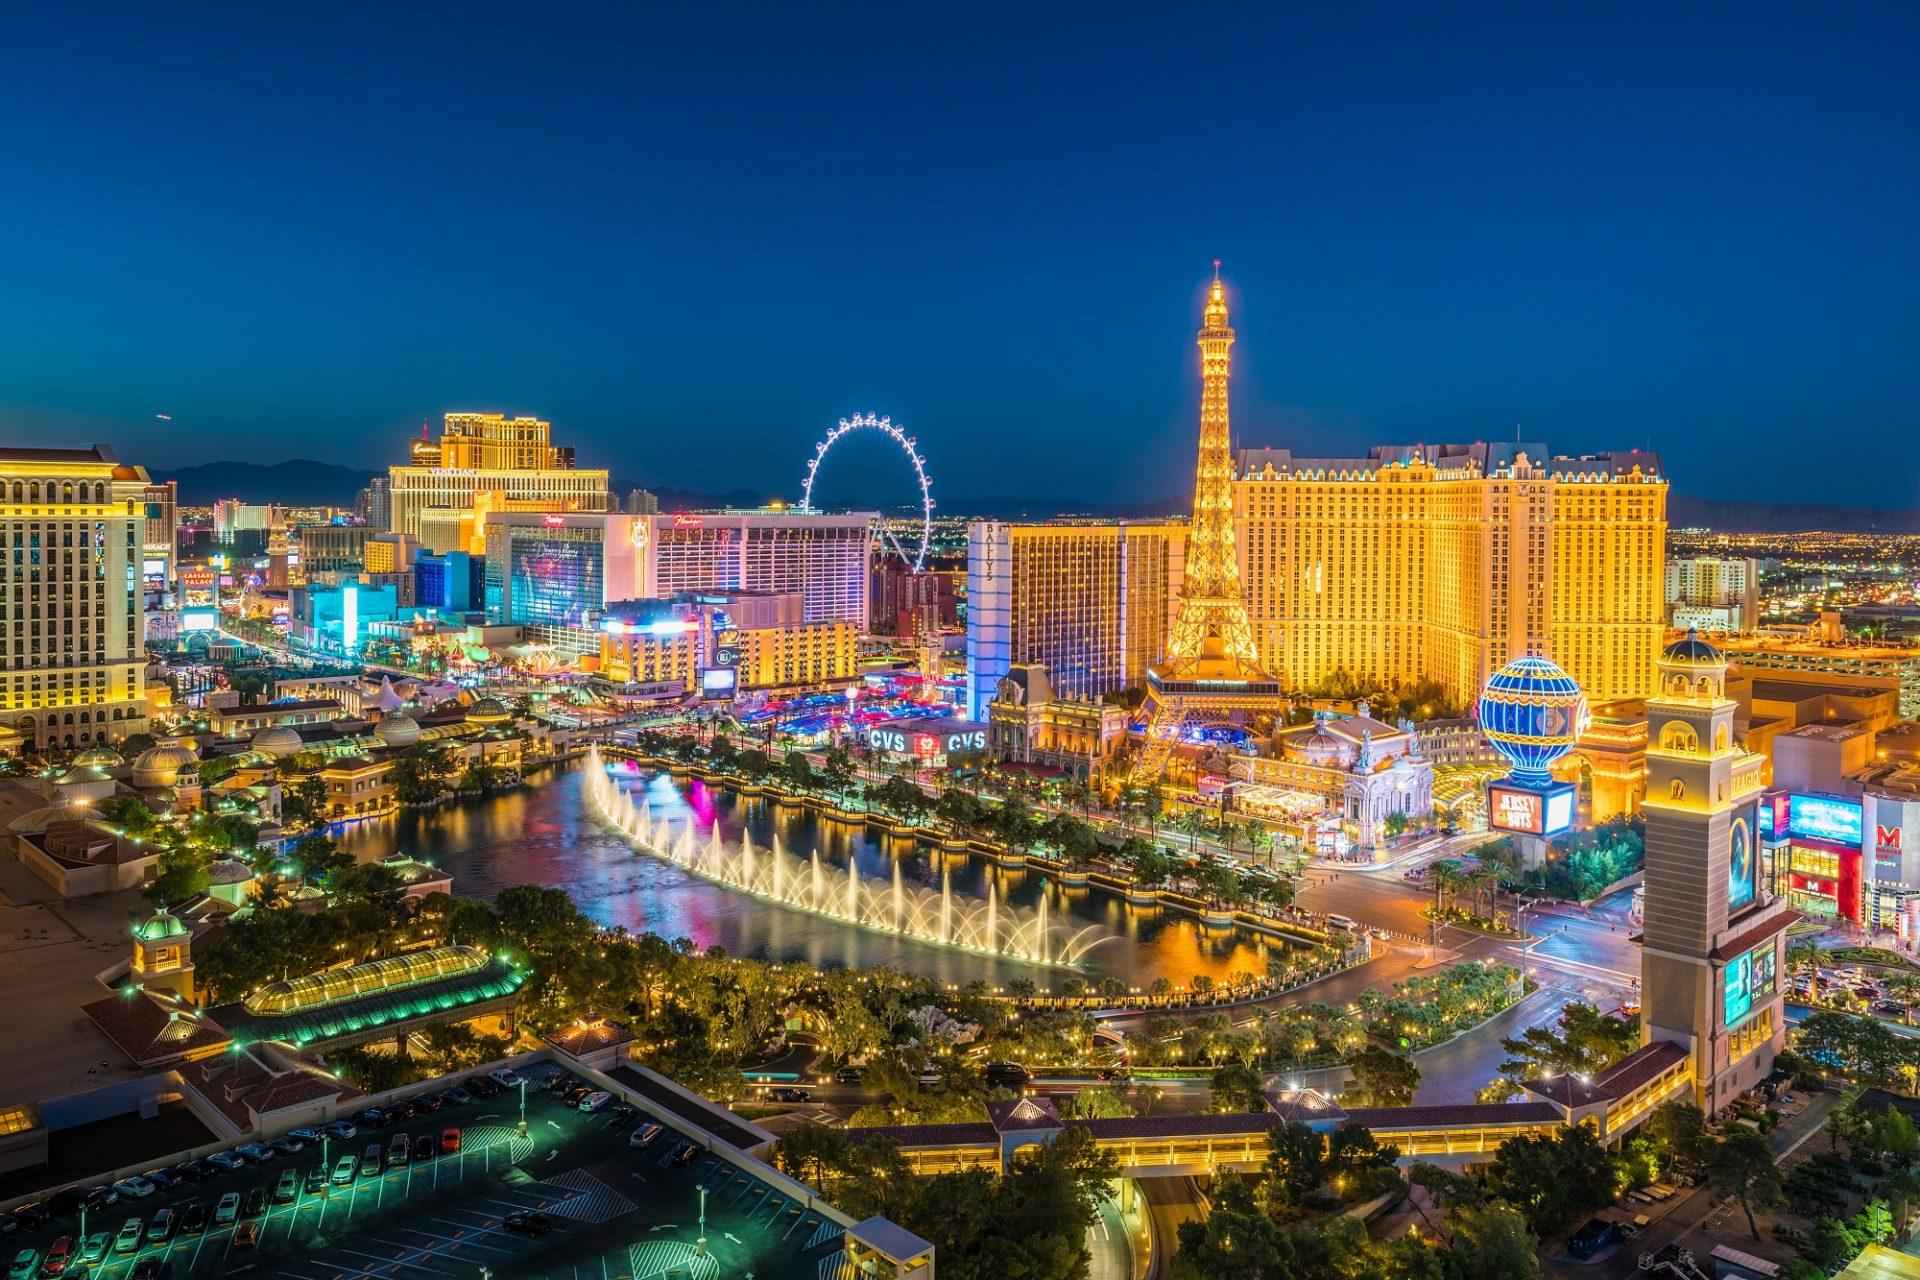 Die Skyline von las Vegas bei Nacht